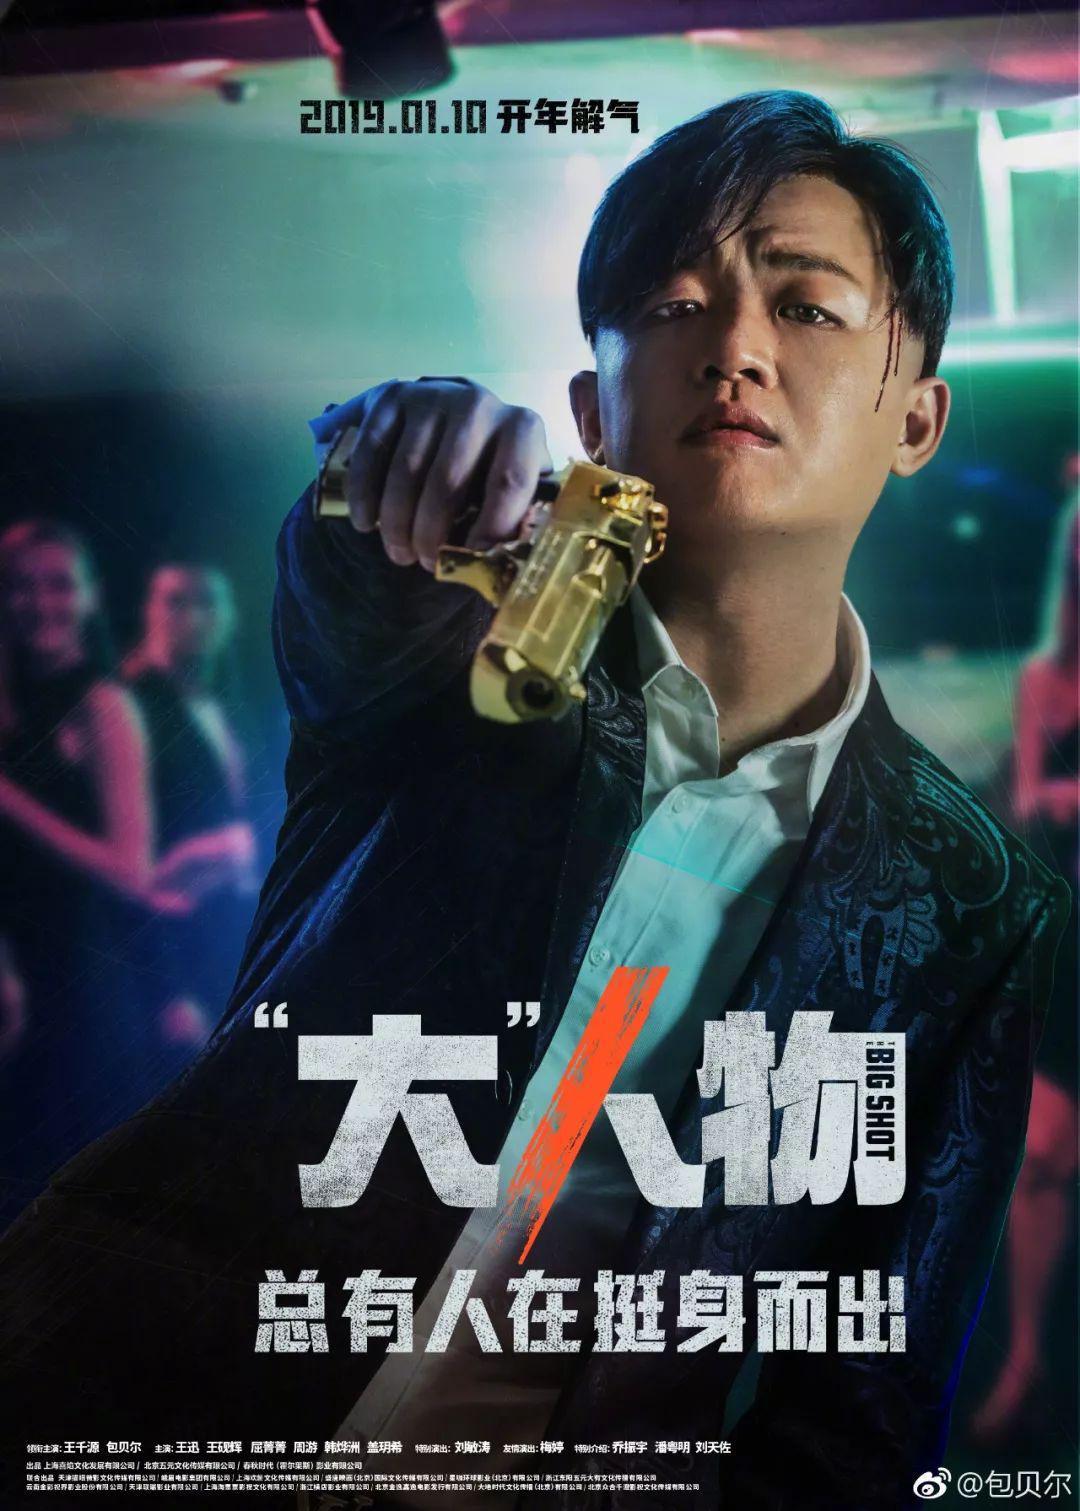 2019本月电影排行榜_易烊千玺的首个荧屏CP,居然是周冬雨,同样的寸头配